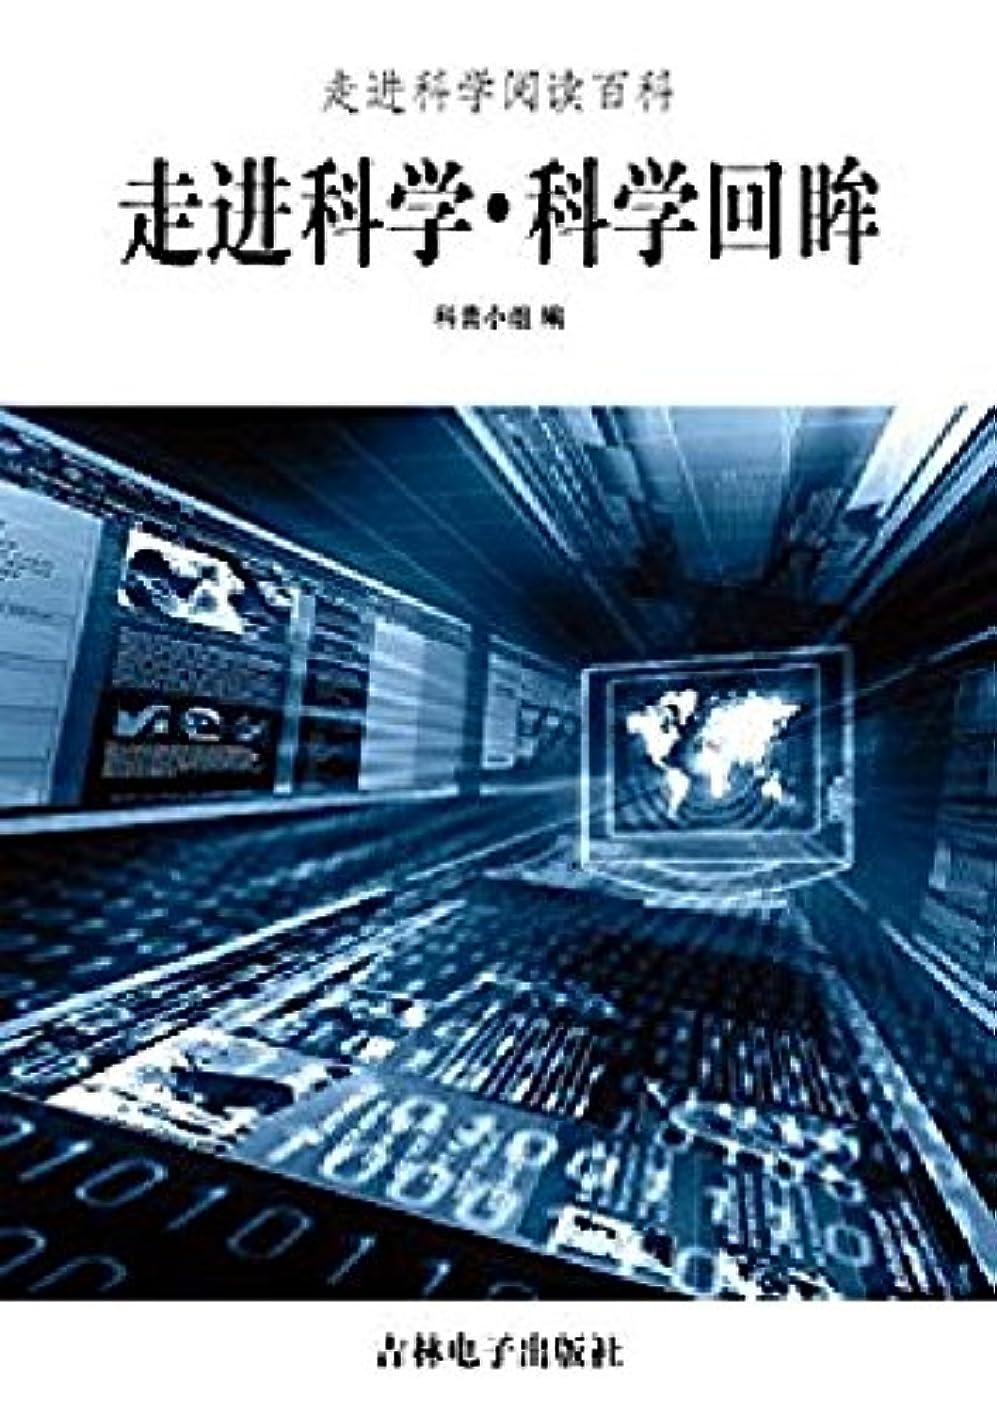 責任レガシー明らか科学回眸 (English Edition)